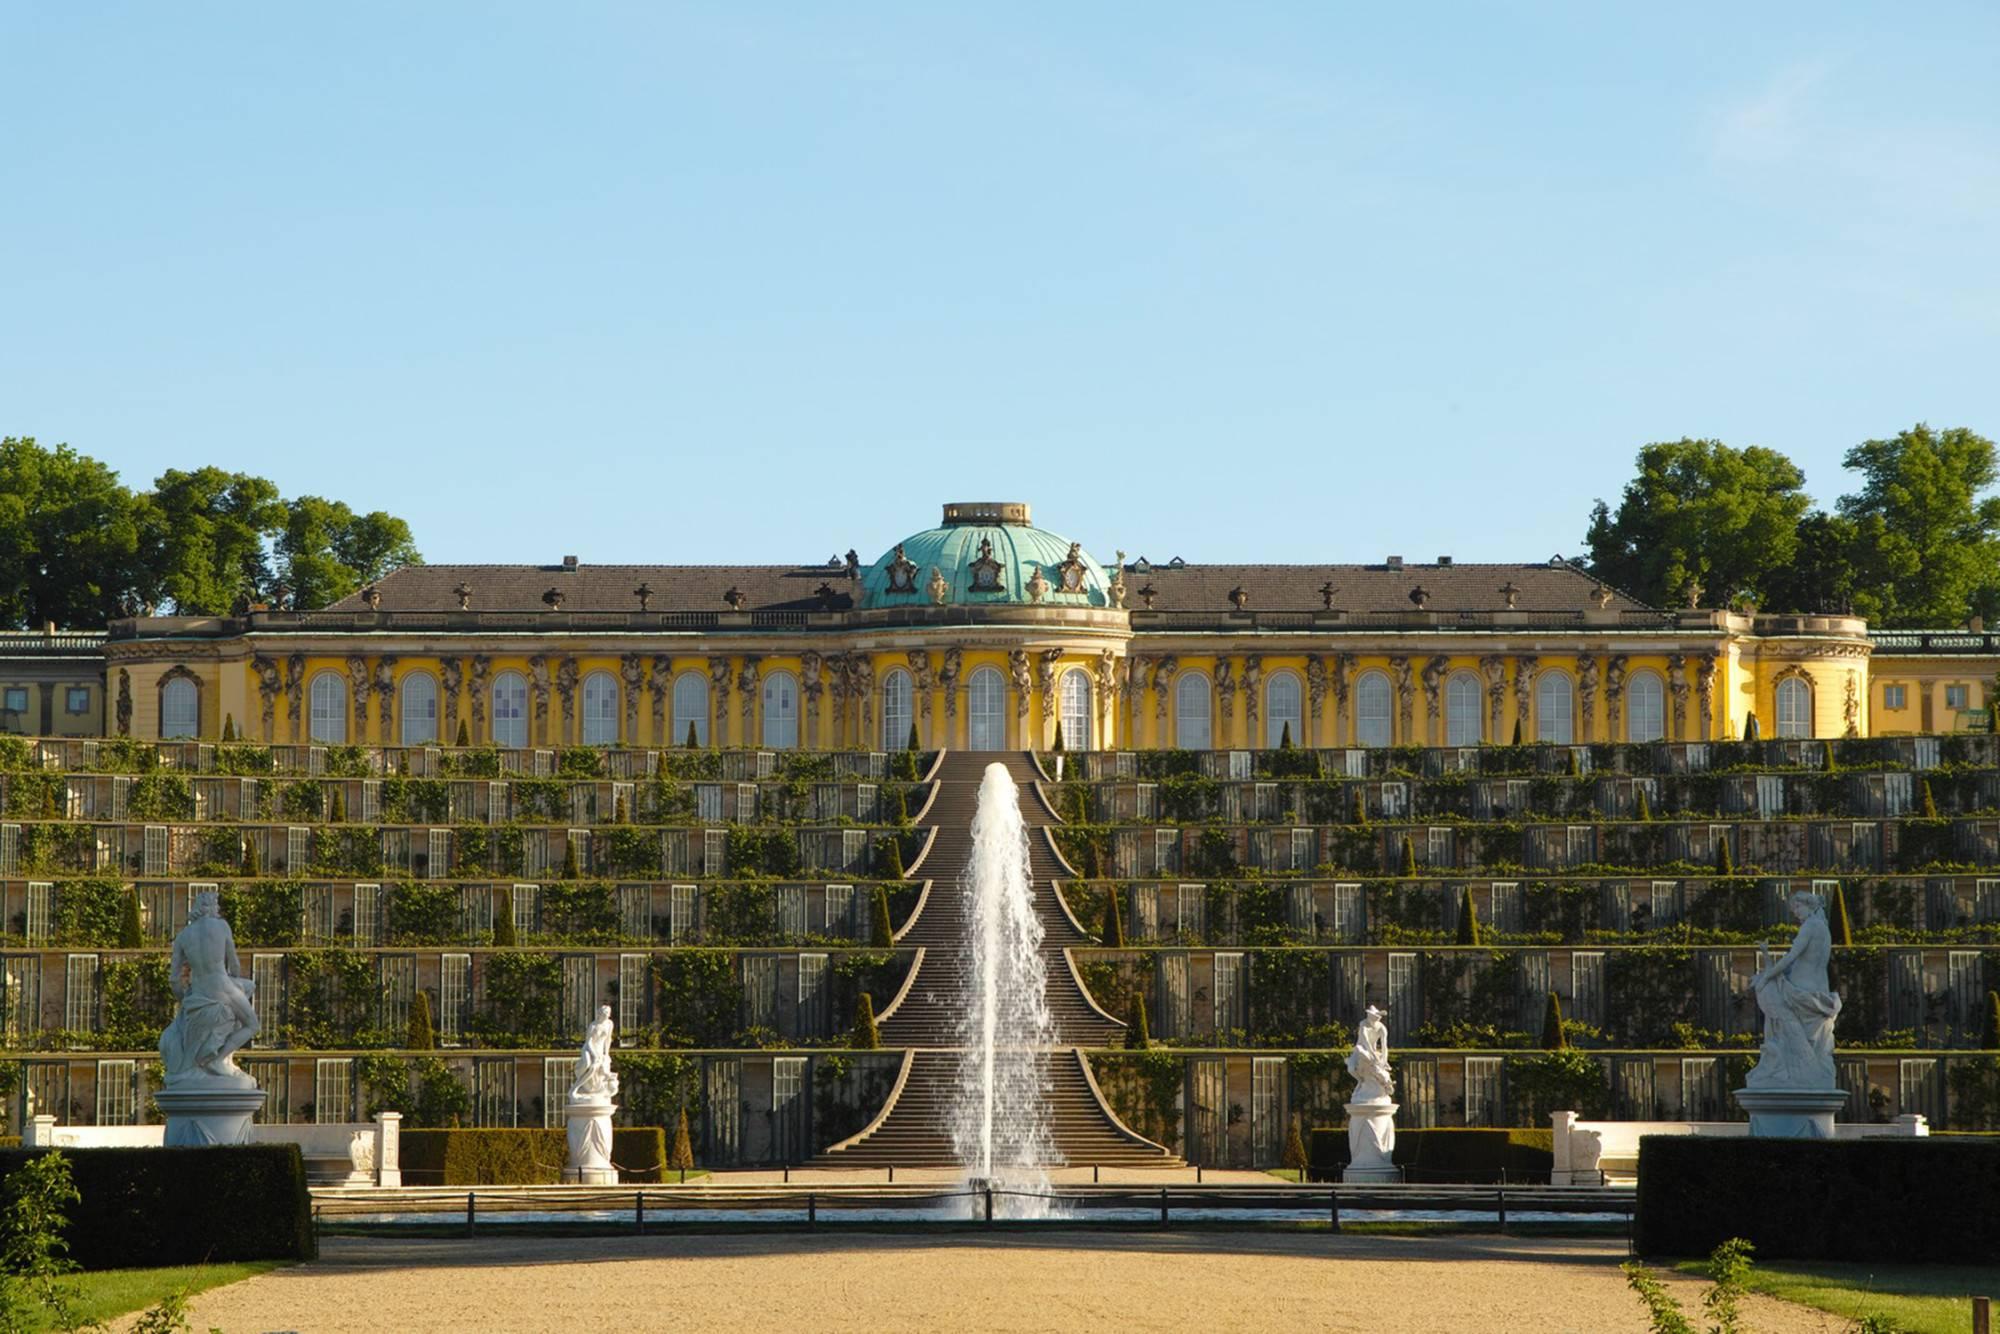 Новый дворец в потсдаме: архитектура, интерьер, парк, как добраться, фото